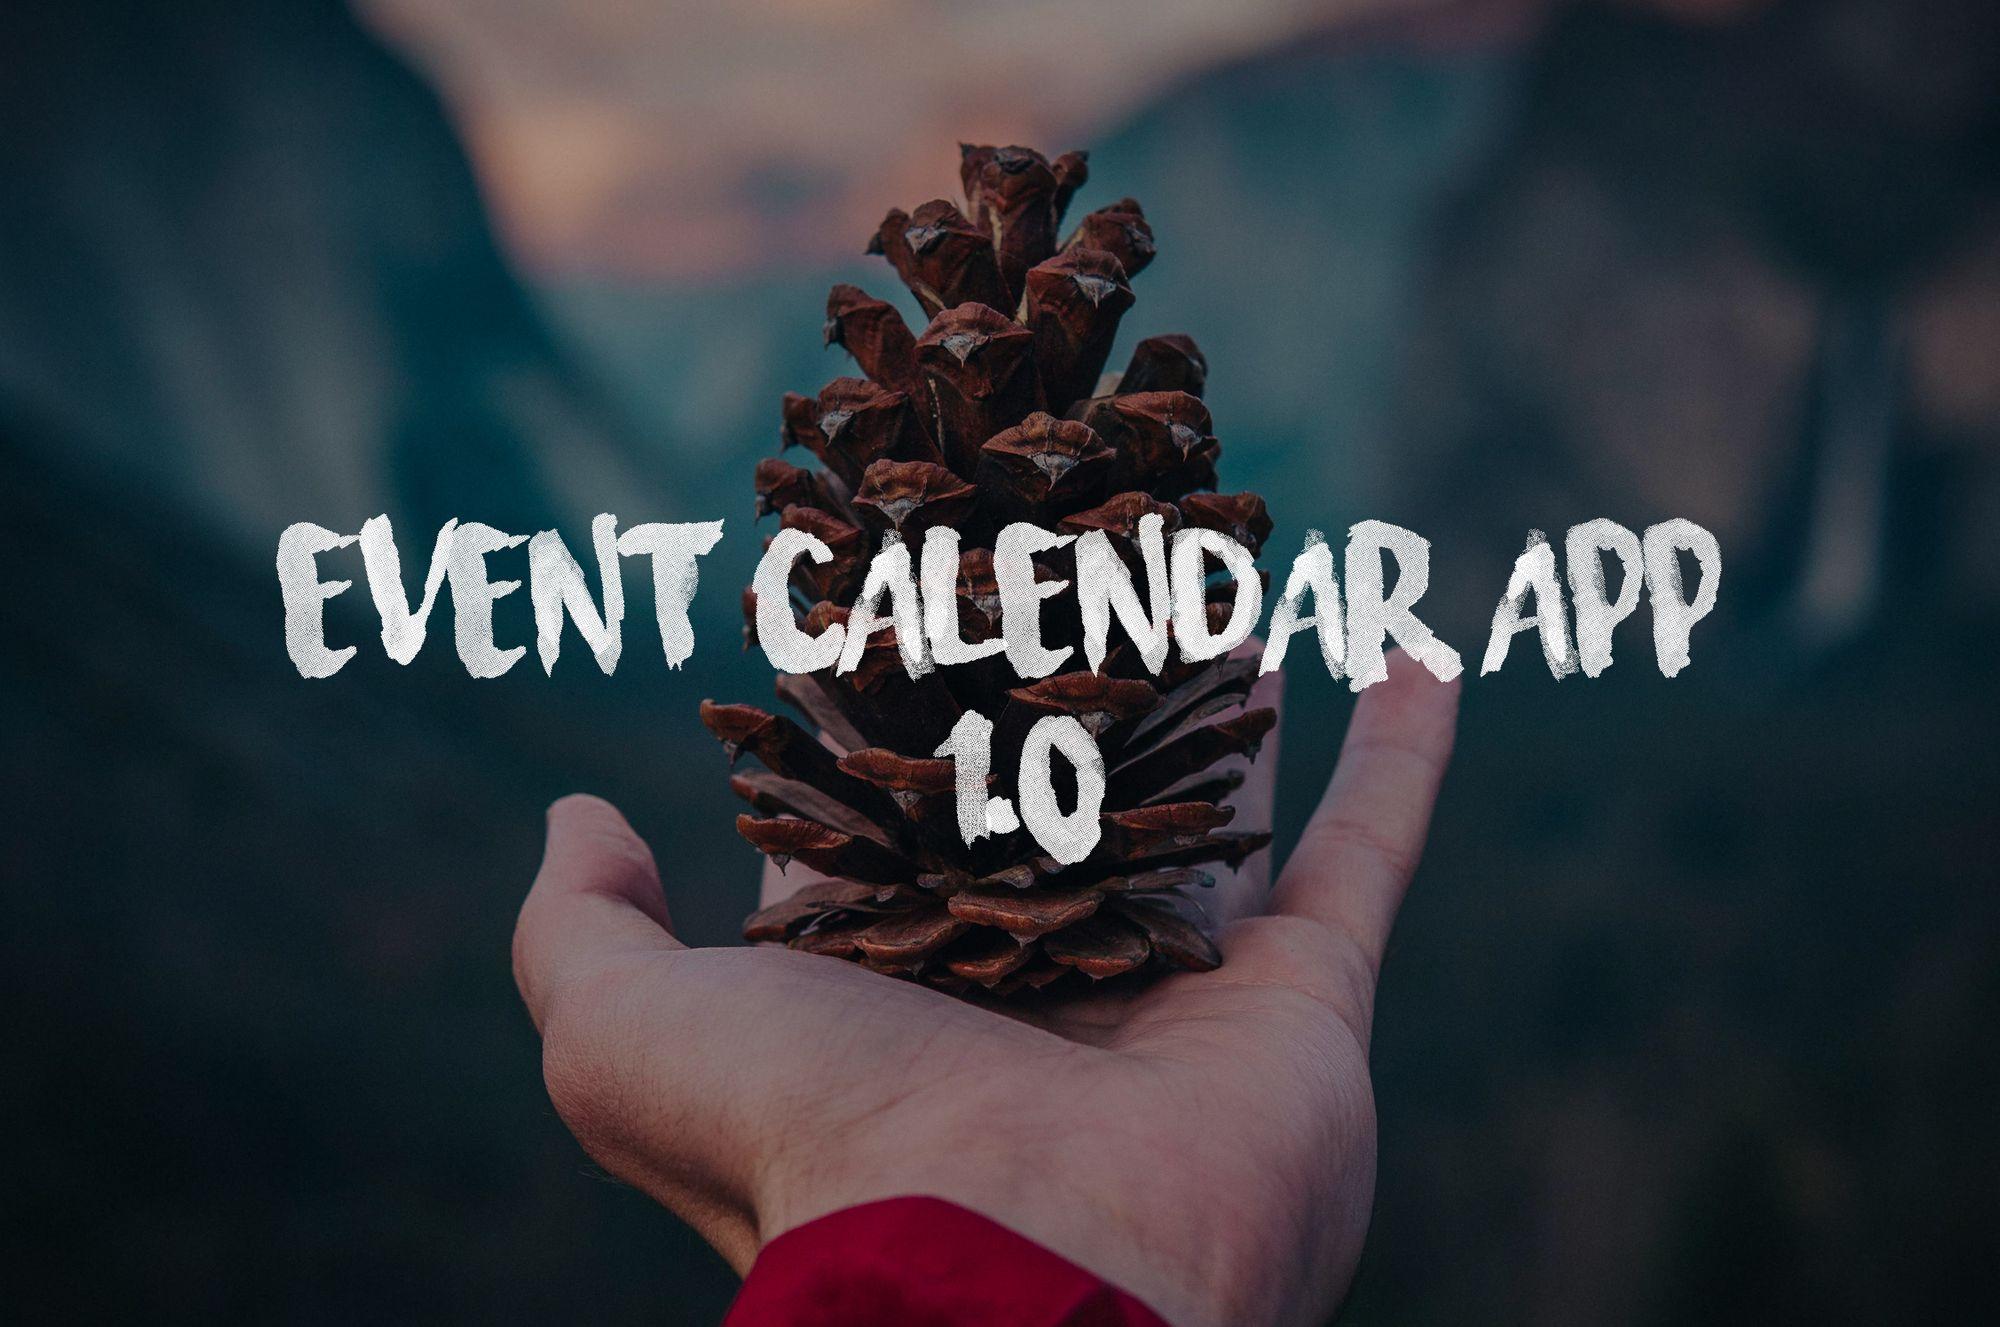 Event Calendar App 1.0